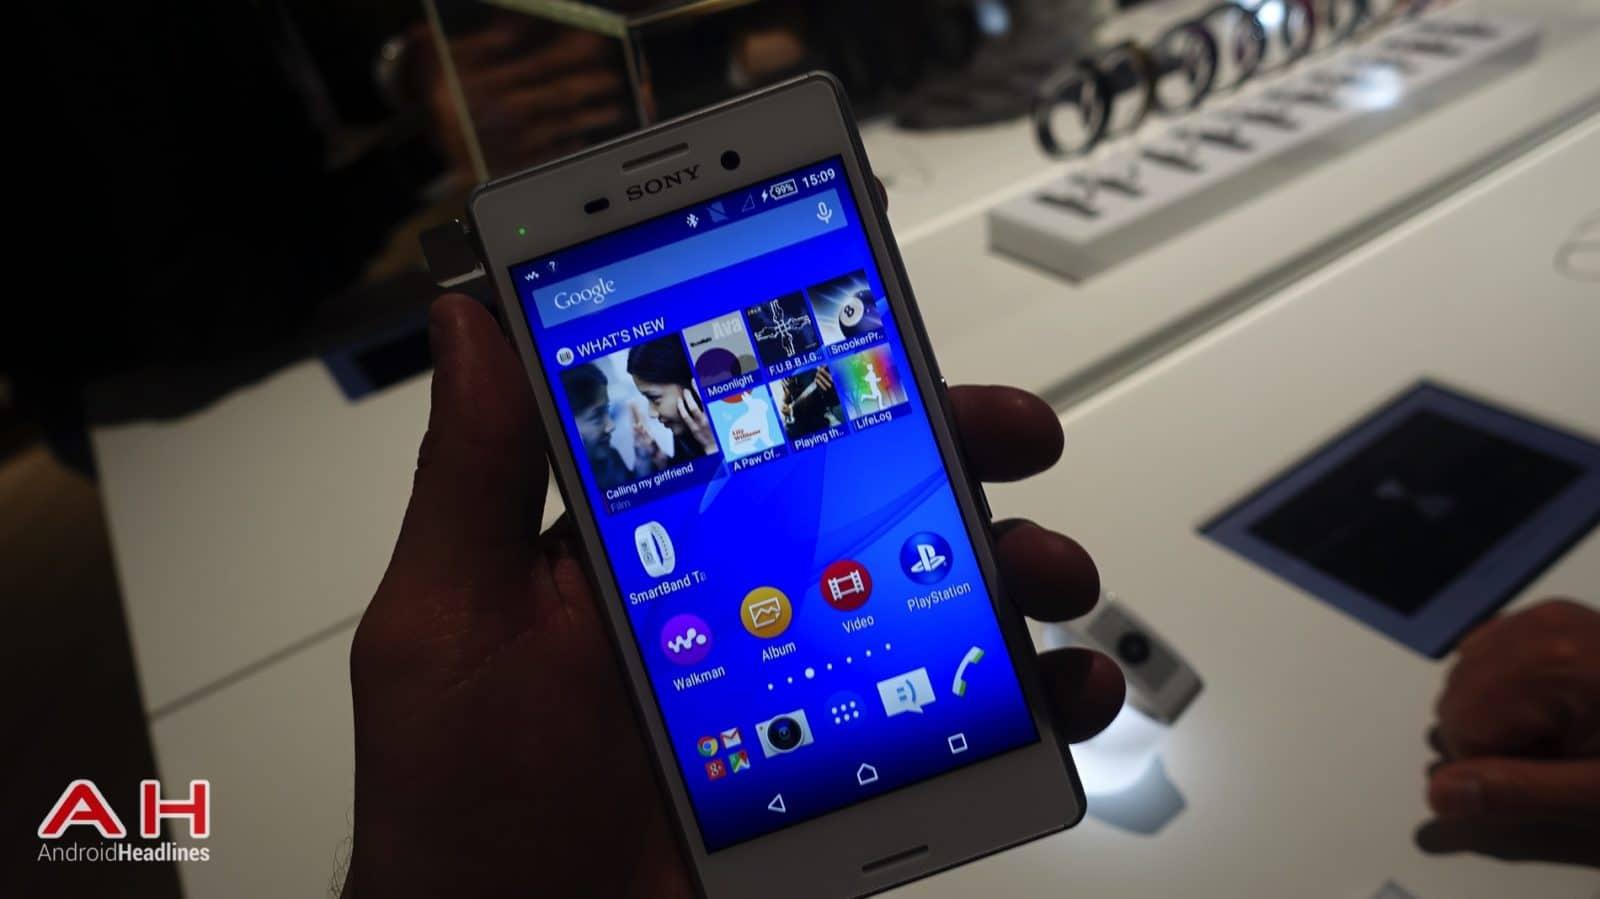 Sony Xperia M4 Aqua AH 01